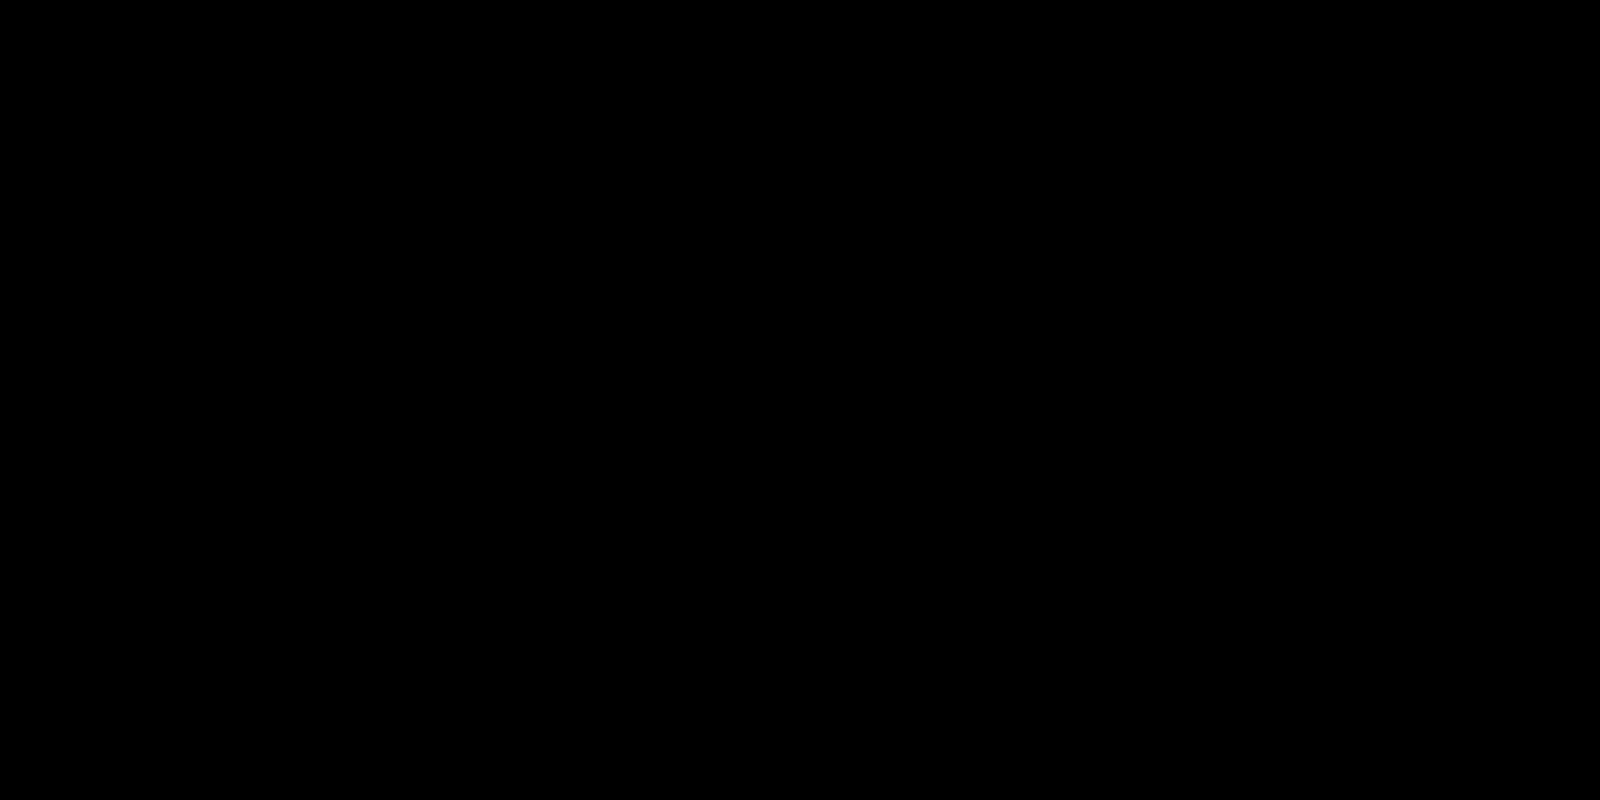 Extended family Silhouette Clip art.